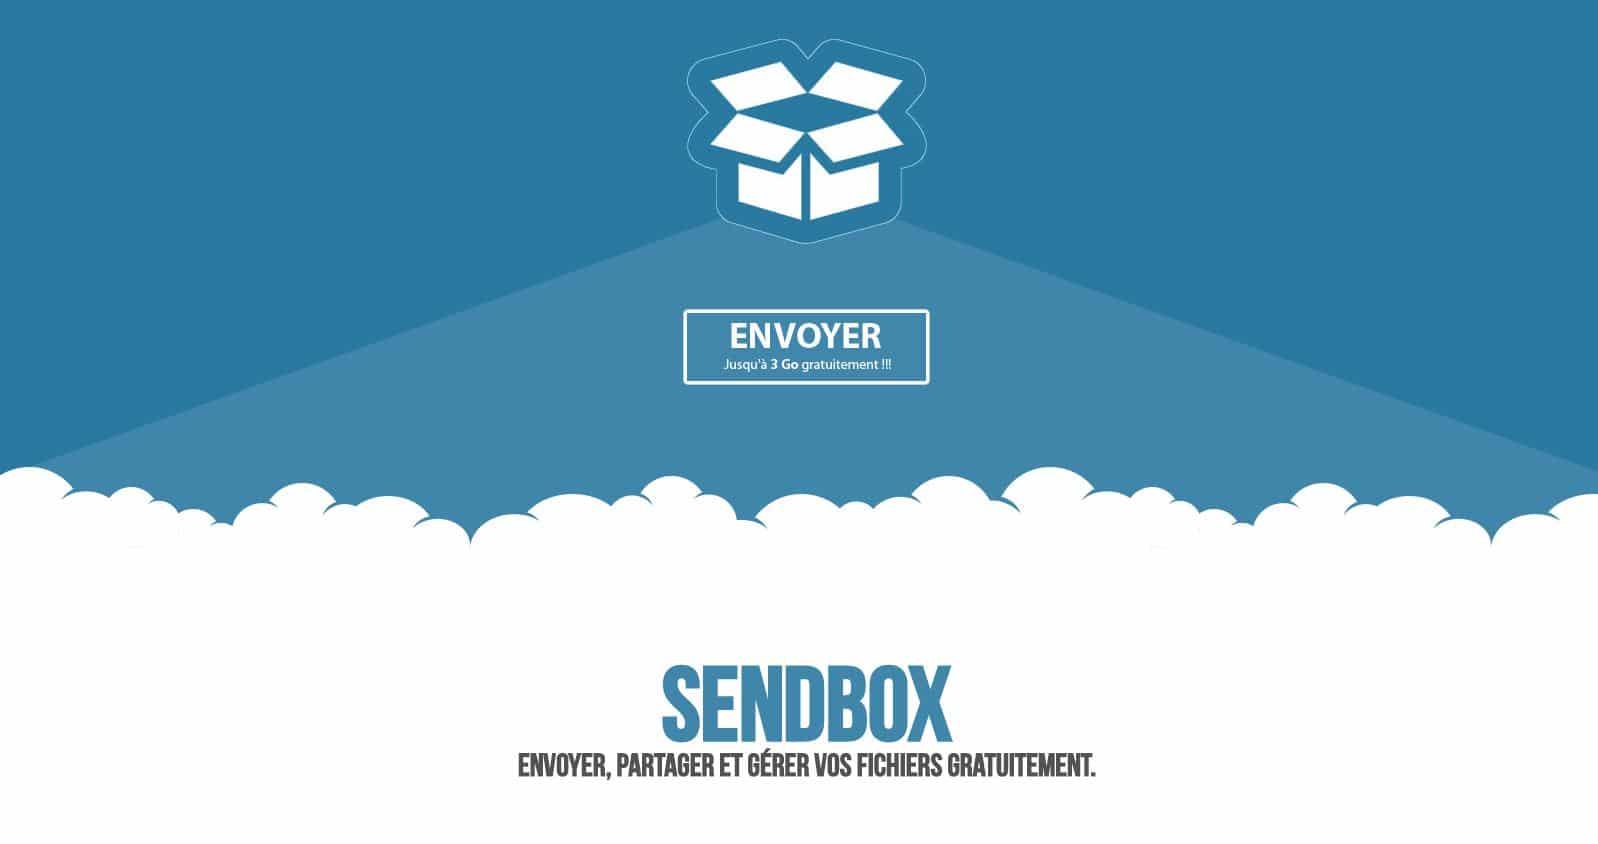 sendbox Le top 10 des sites gratuits pour l'envoi de gros fichiers